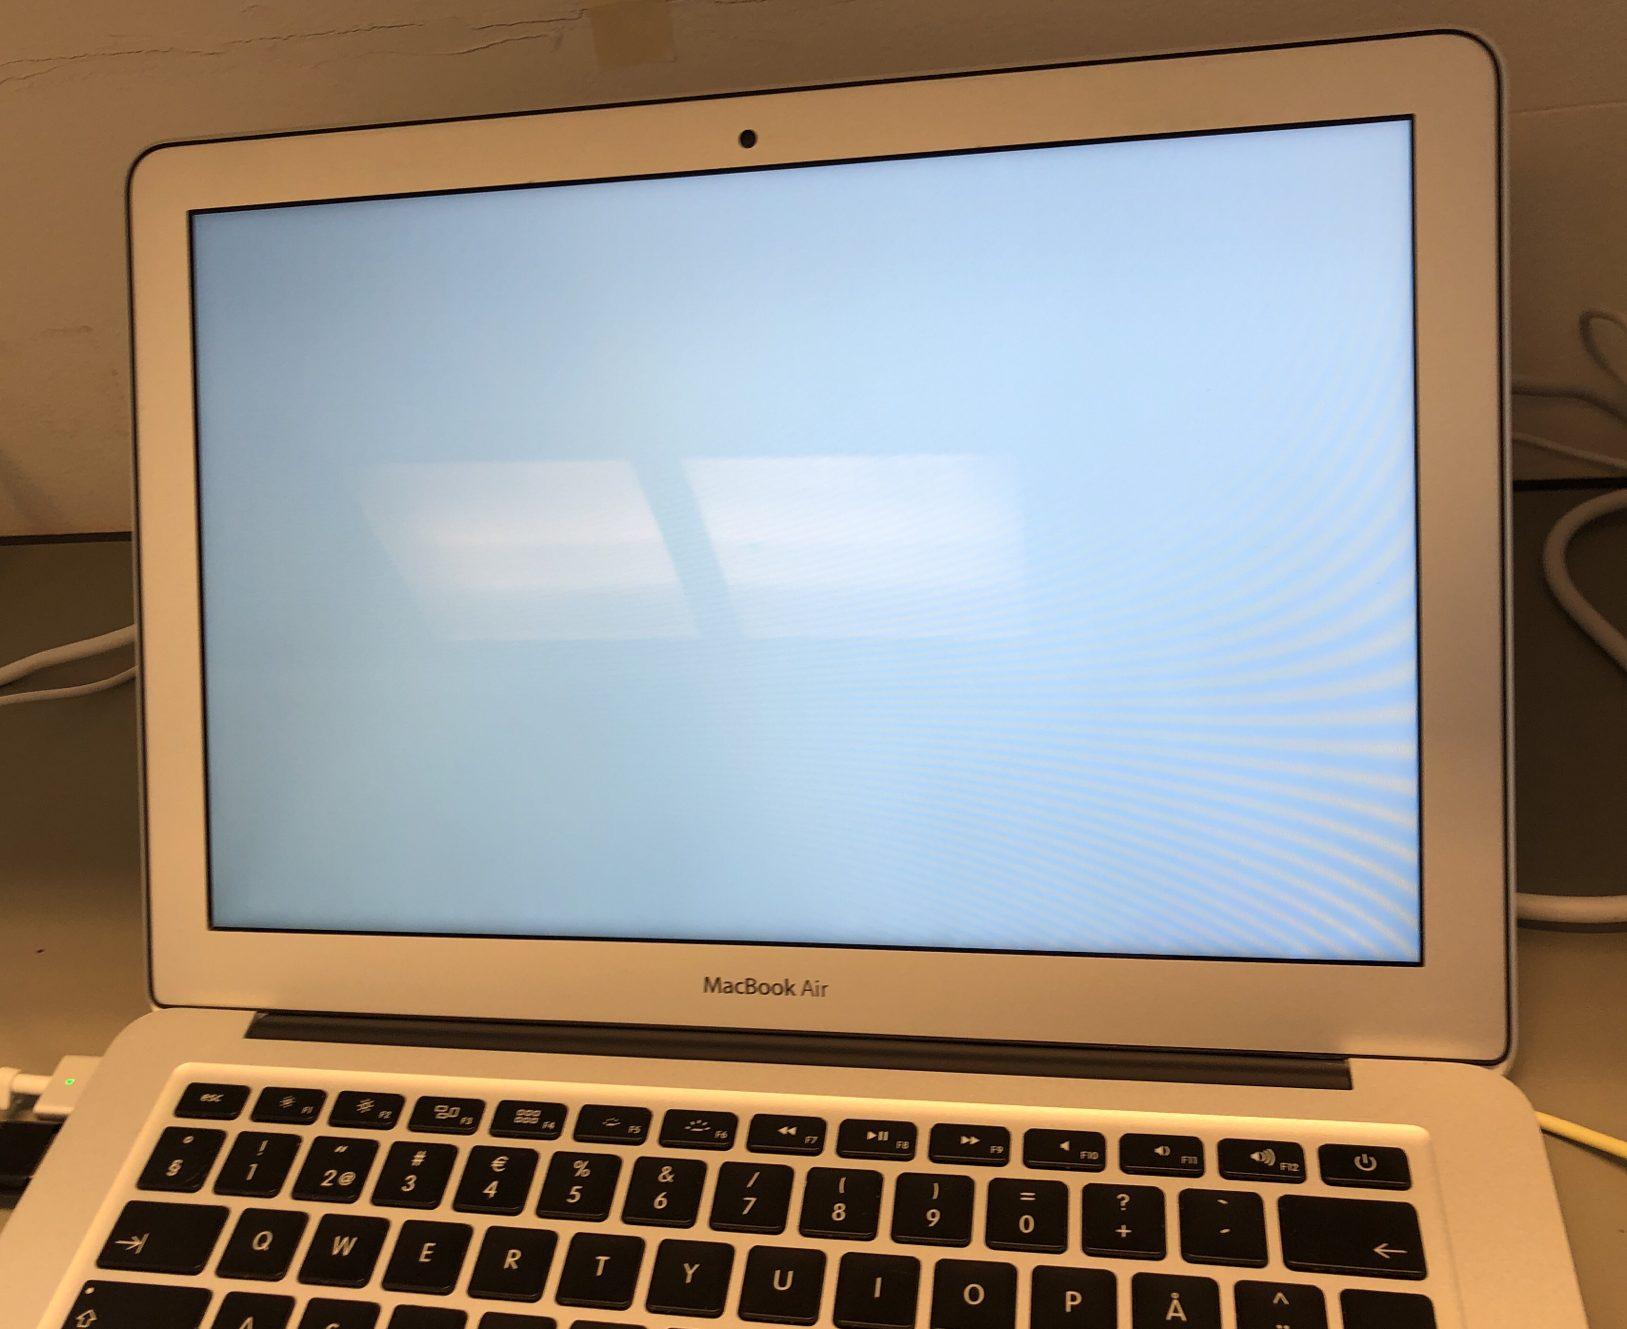 """MacBook Air 13"""" Mid 2013 (Intel Core i7 1.7 GHz 8 GB RAM 256 GB SSD), Intel Core i7 1.7 GHz, 8 GB RAM, 256 GB SSD, Bild 4"""